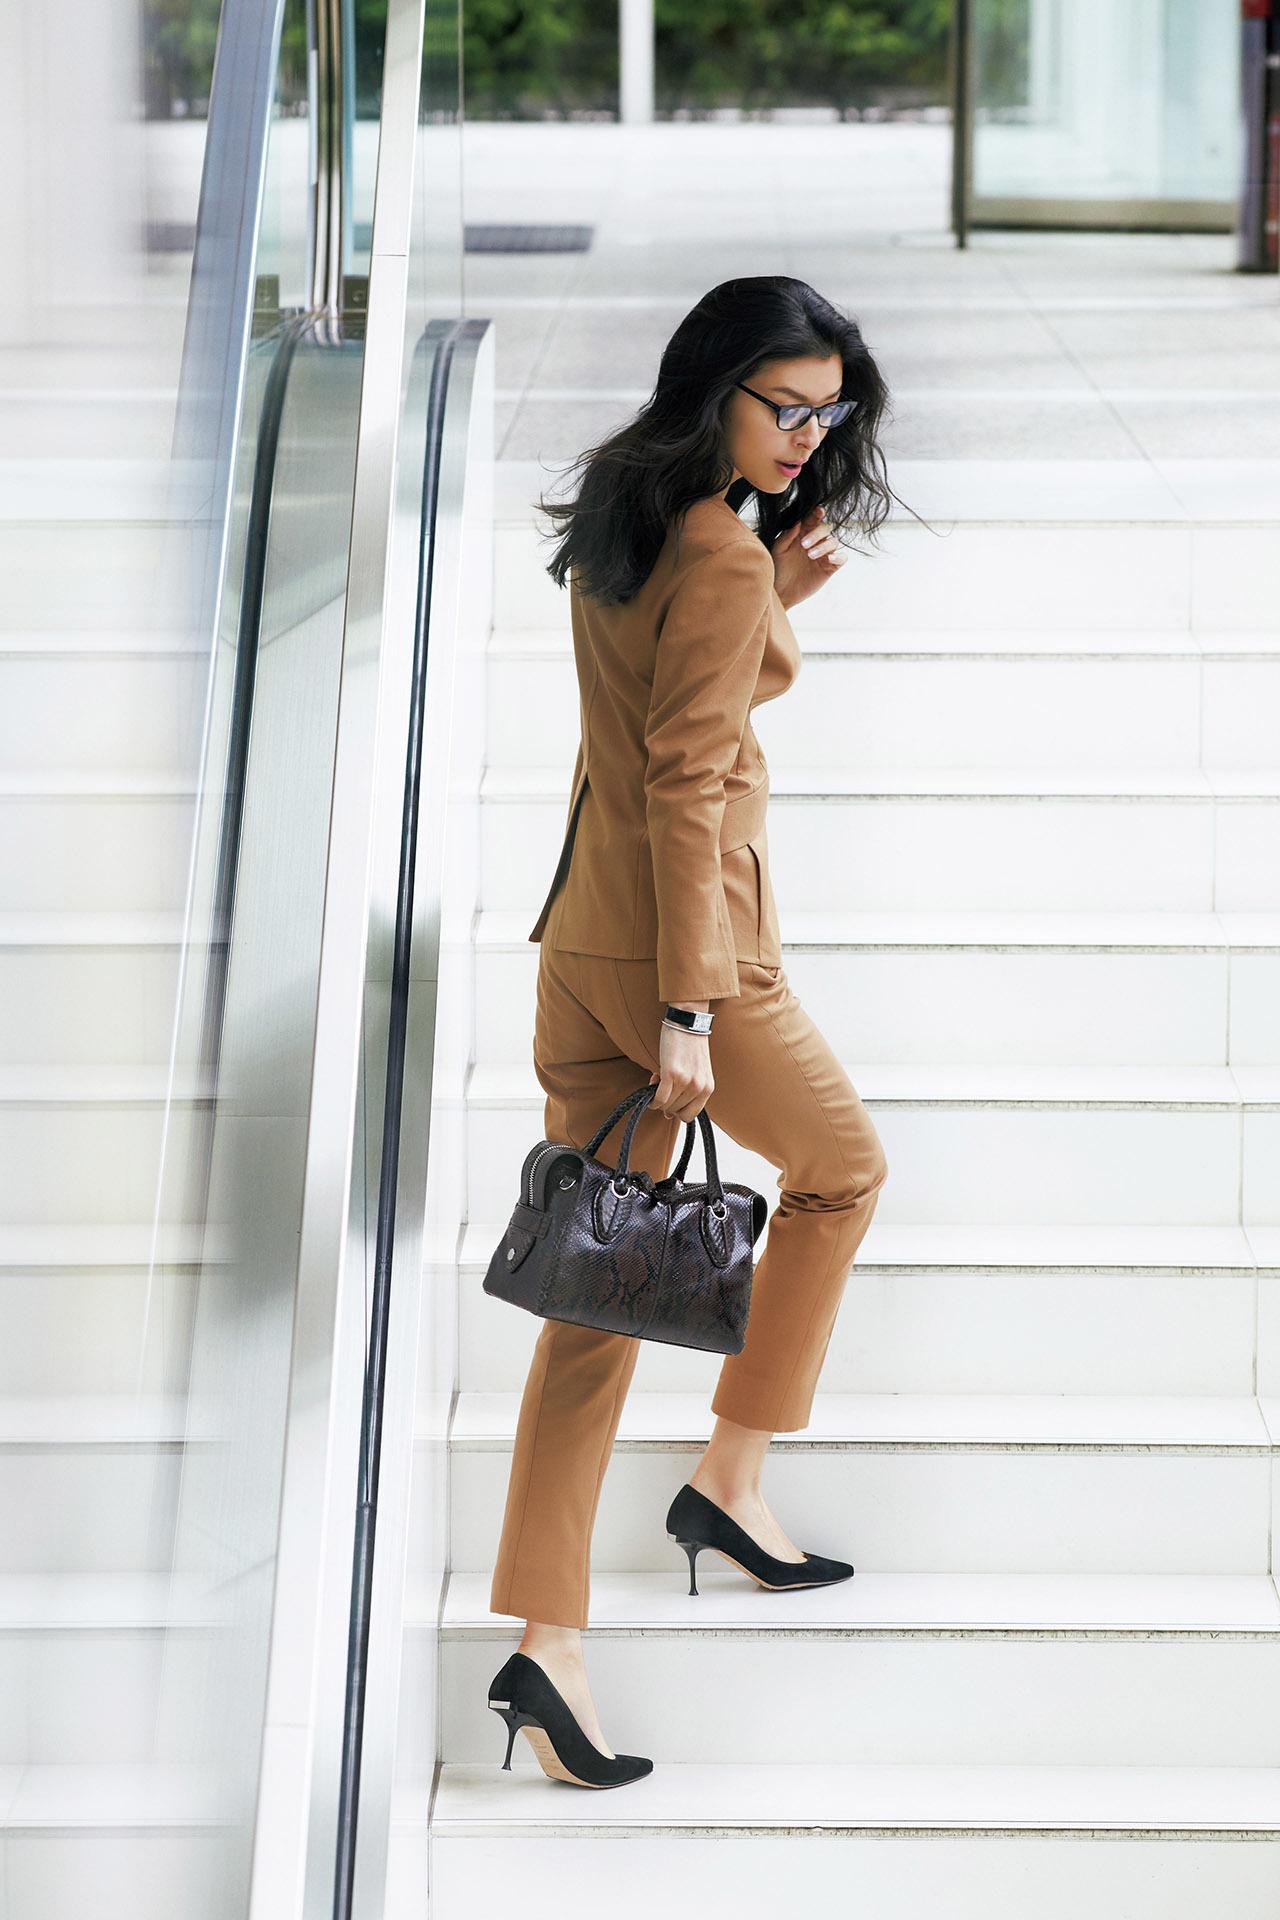 美しさも履き心地も妥協しないブランドがここに。働くJマダムが支持する「名品パンプス」 五選_1_1-5